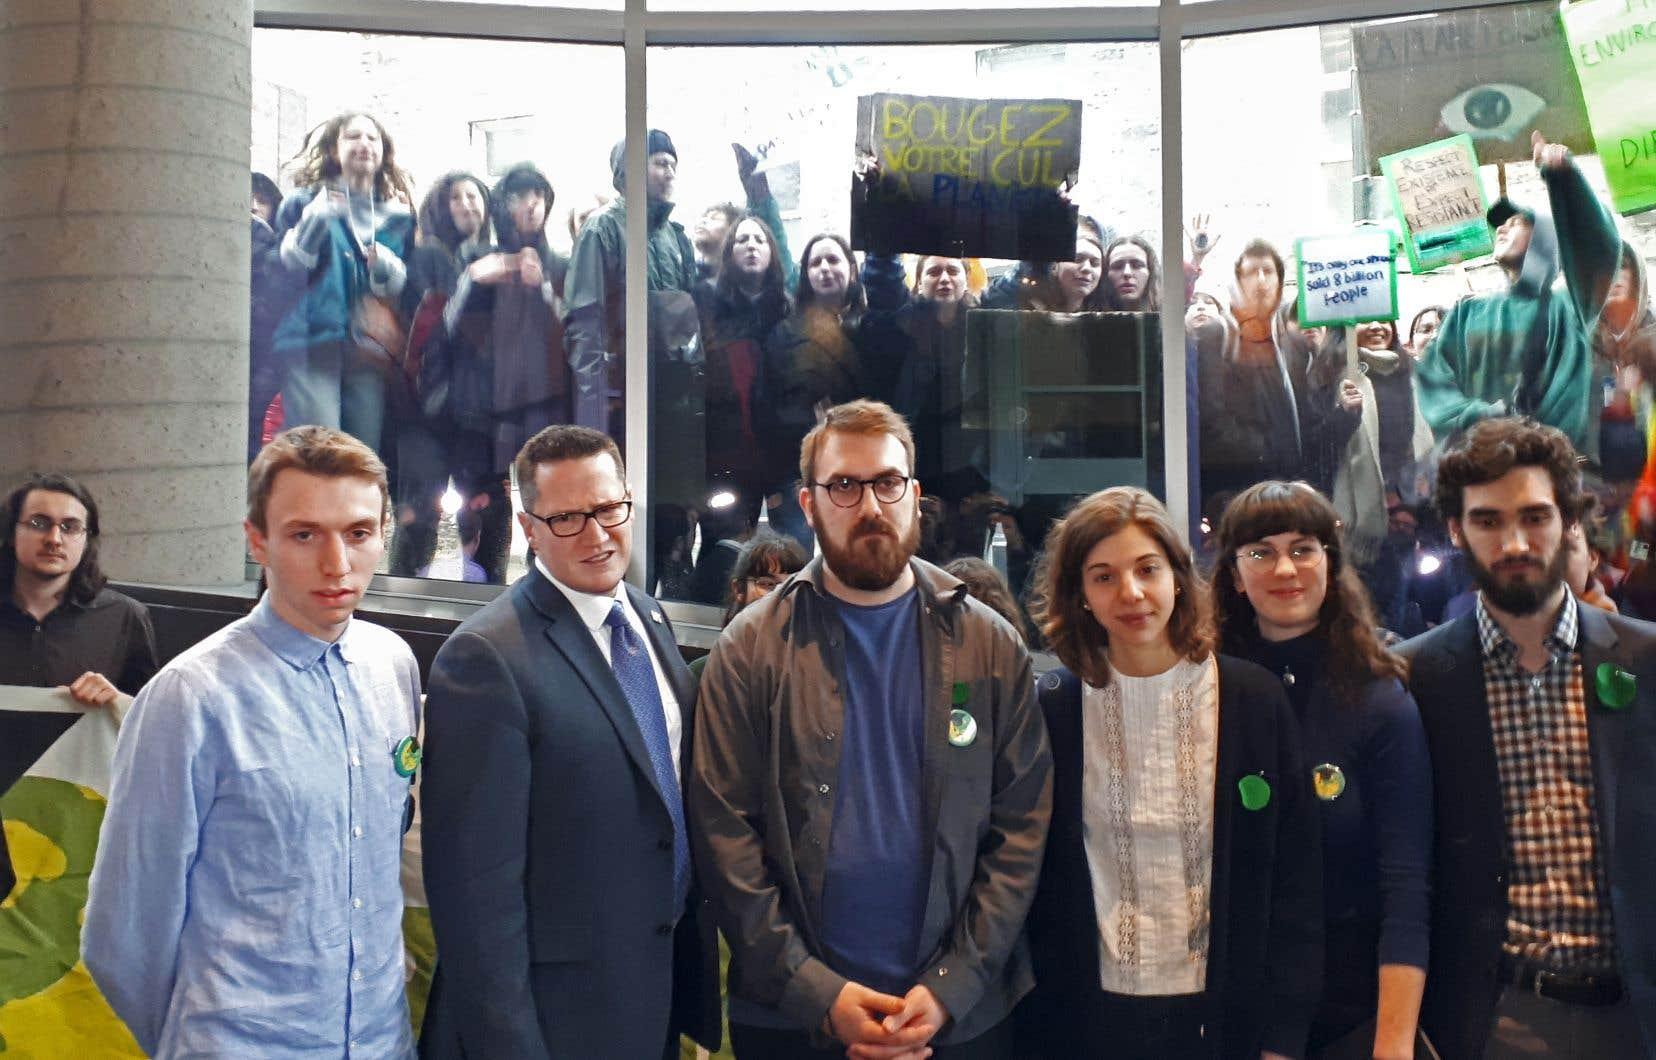 Alors que les militants étudiants rencontraient le ministre Benoit Charette, des jeunes du secondaire manifestaient à l'extérieur pour réclamer des mesures plus ambitieuses.